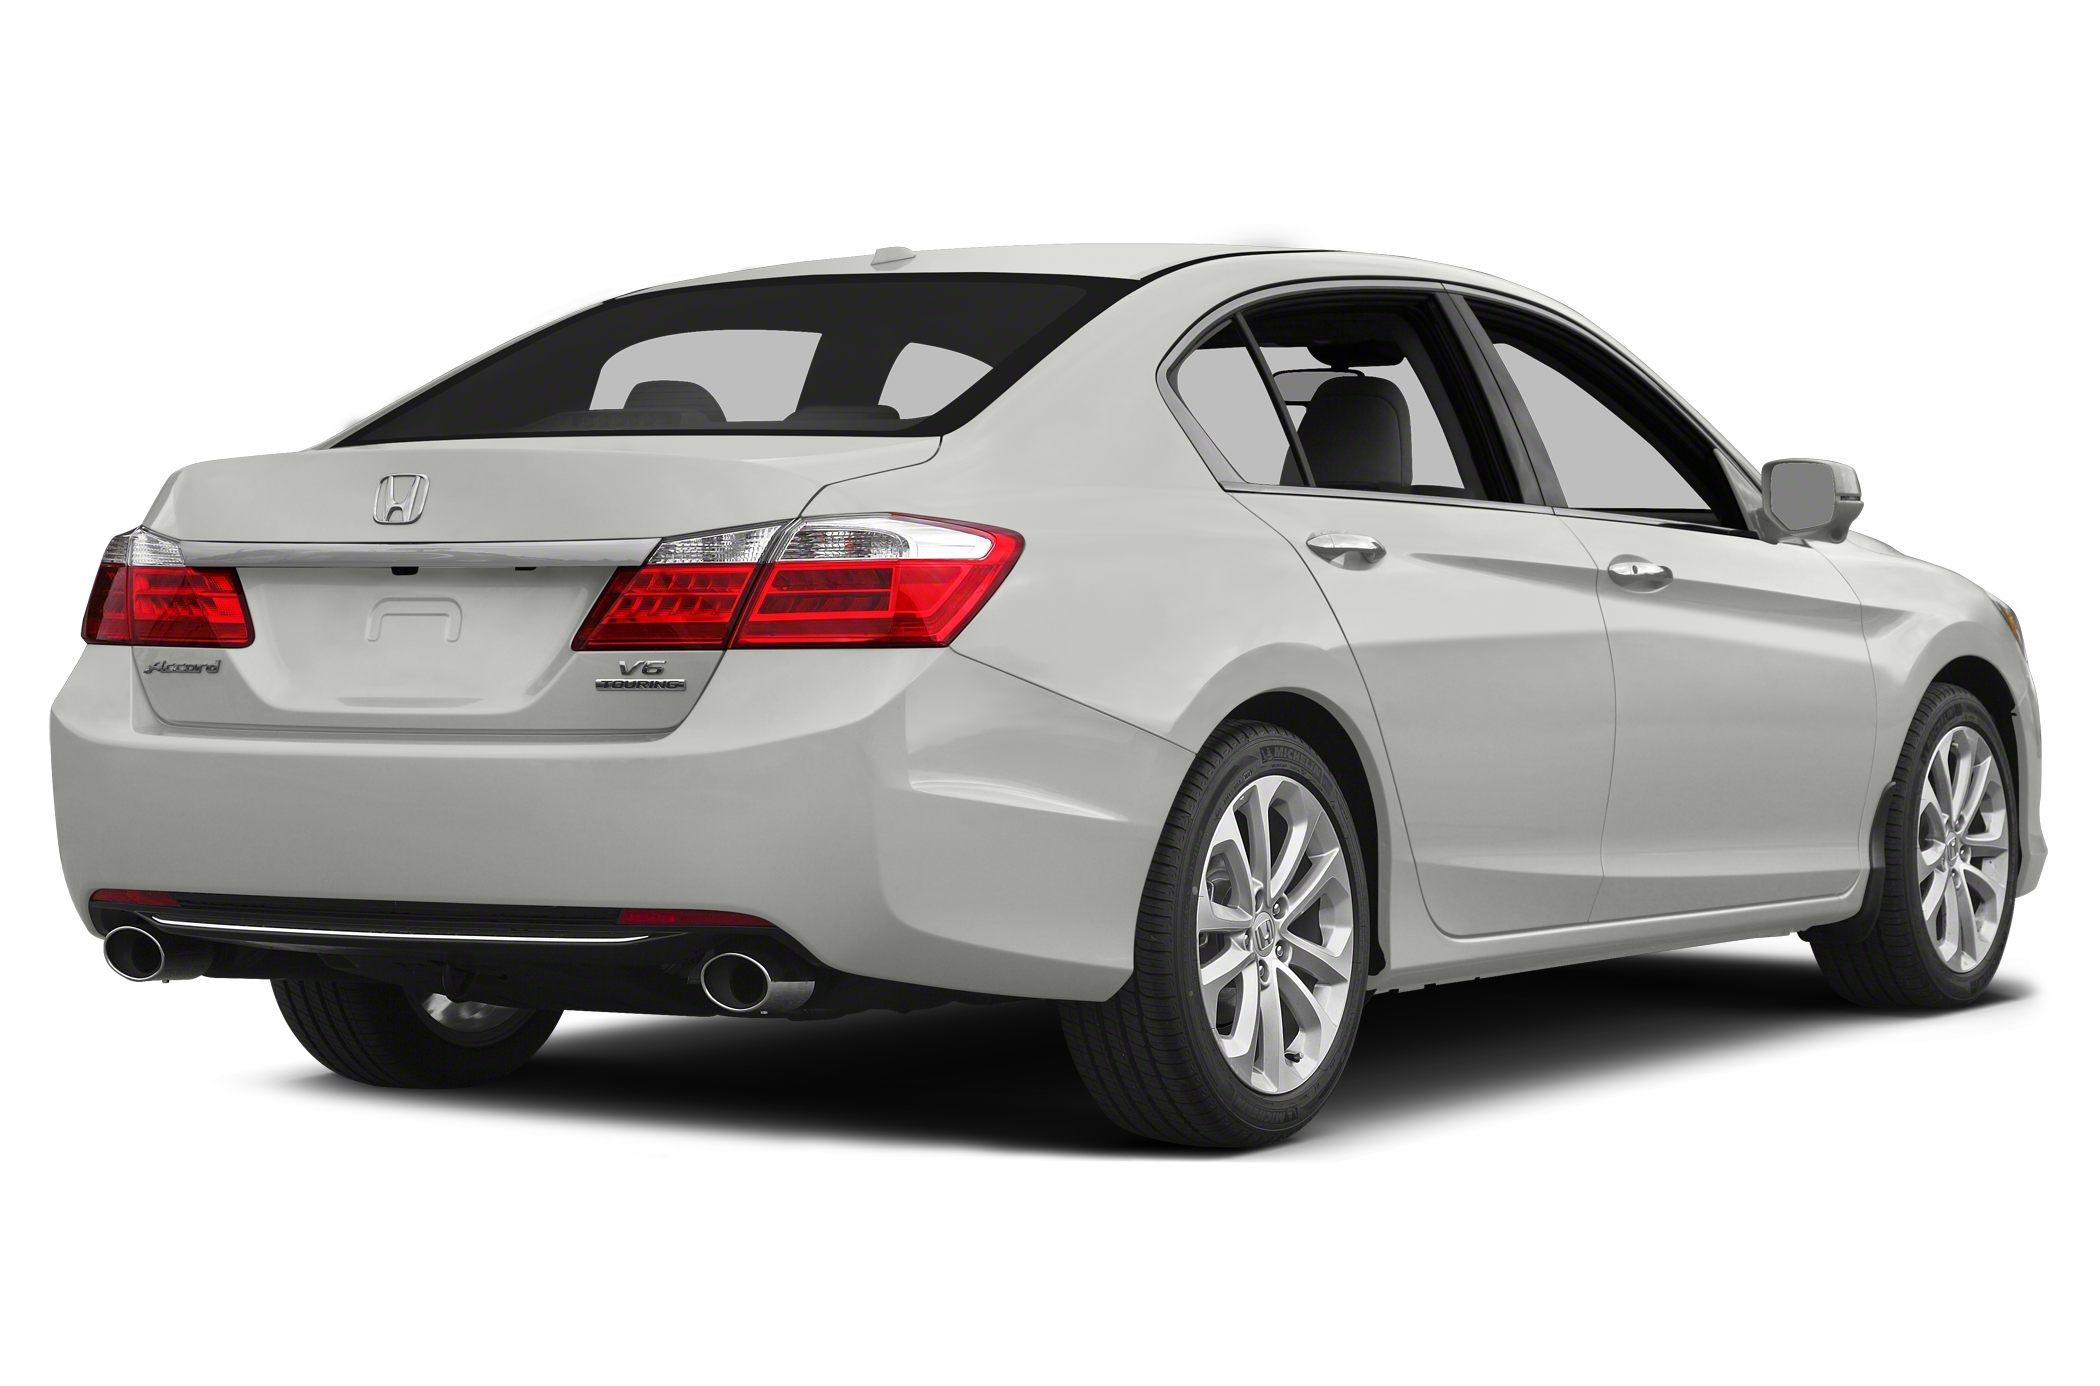 honda accord invoice price car modifications club honda accord invoice